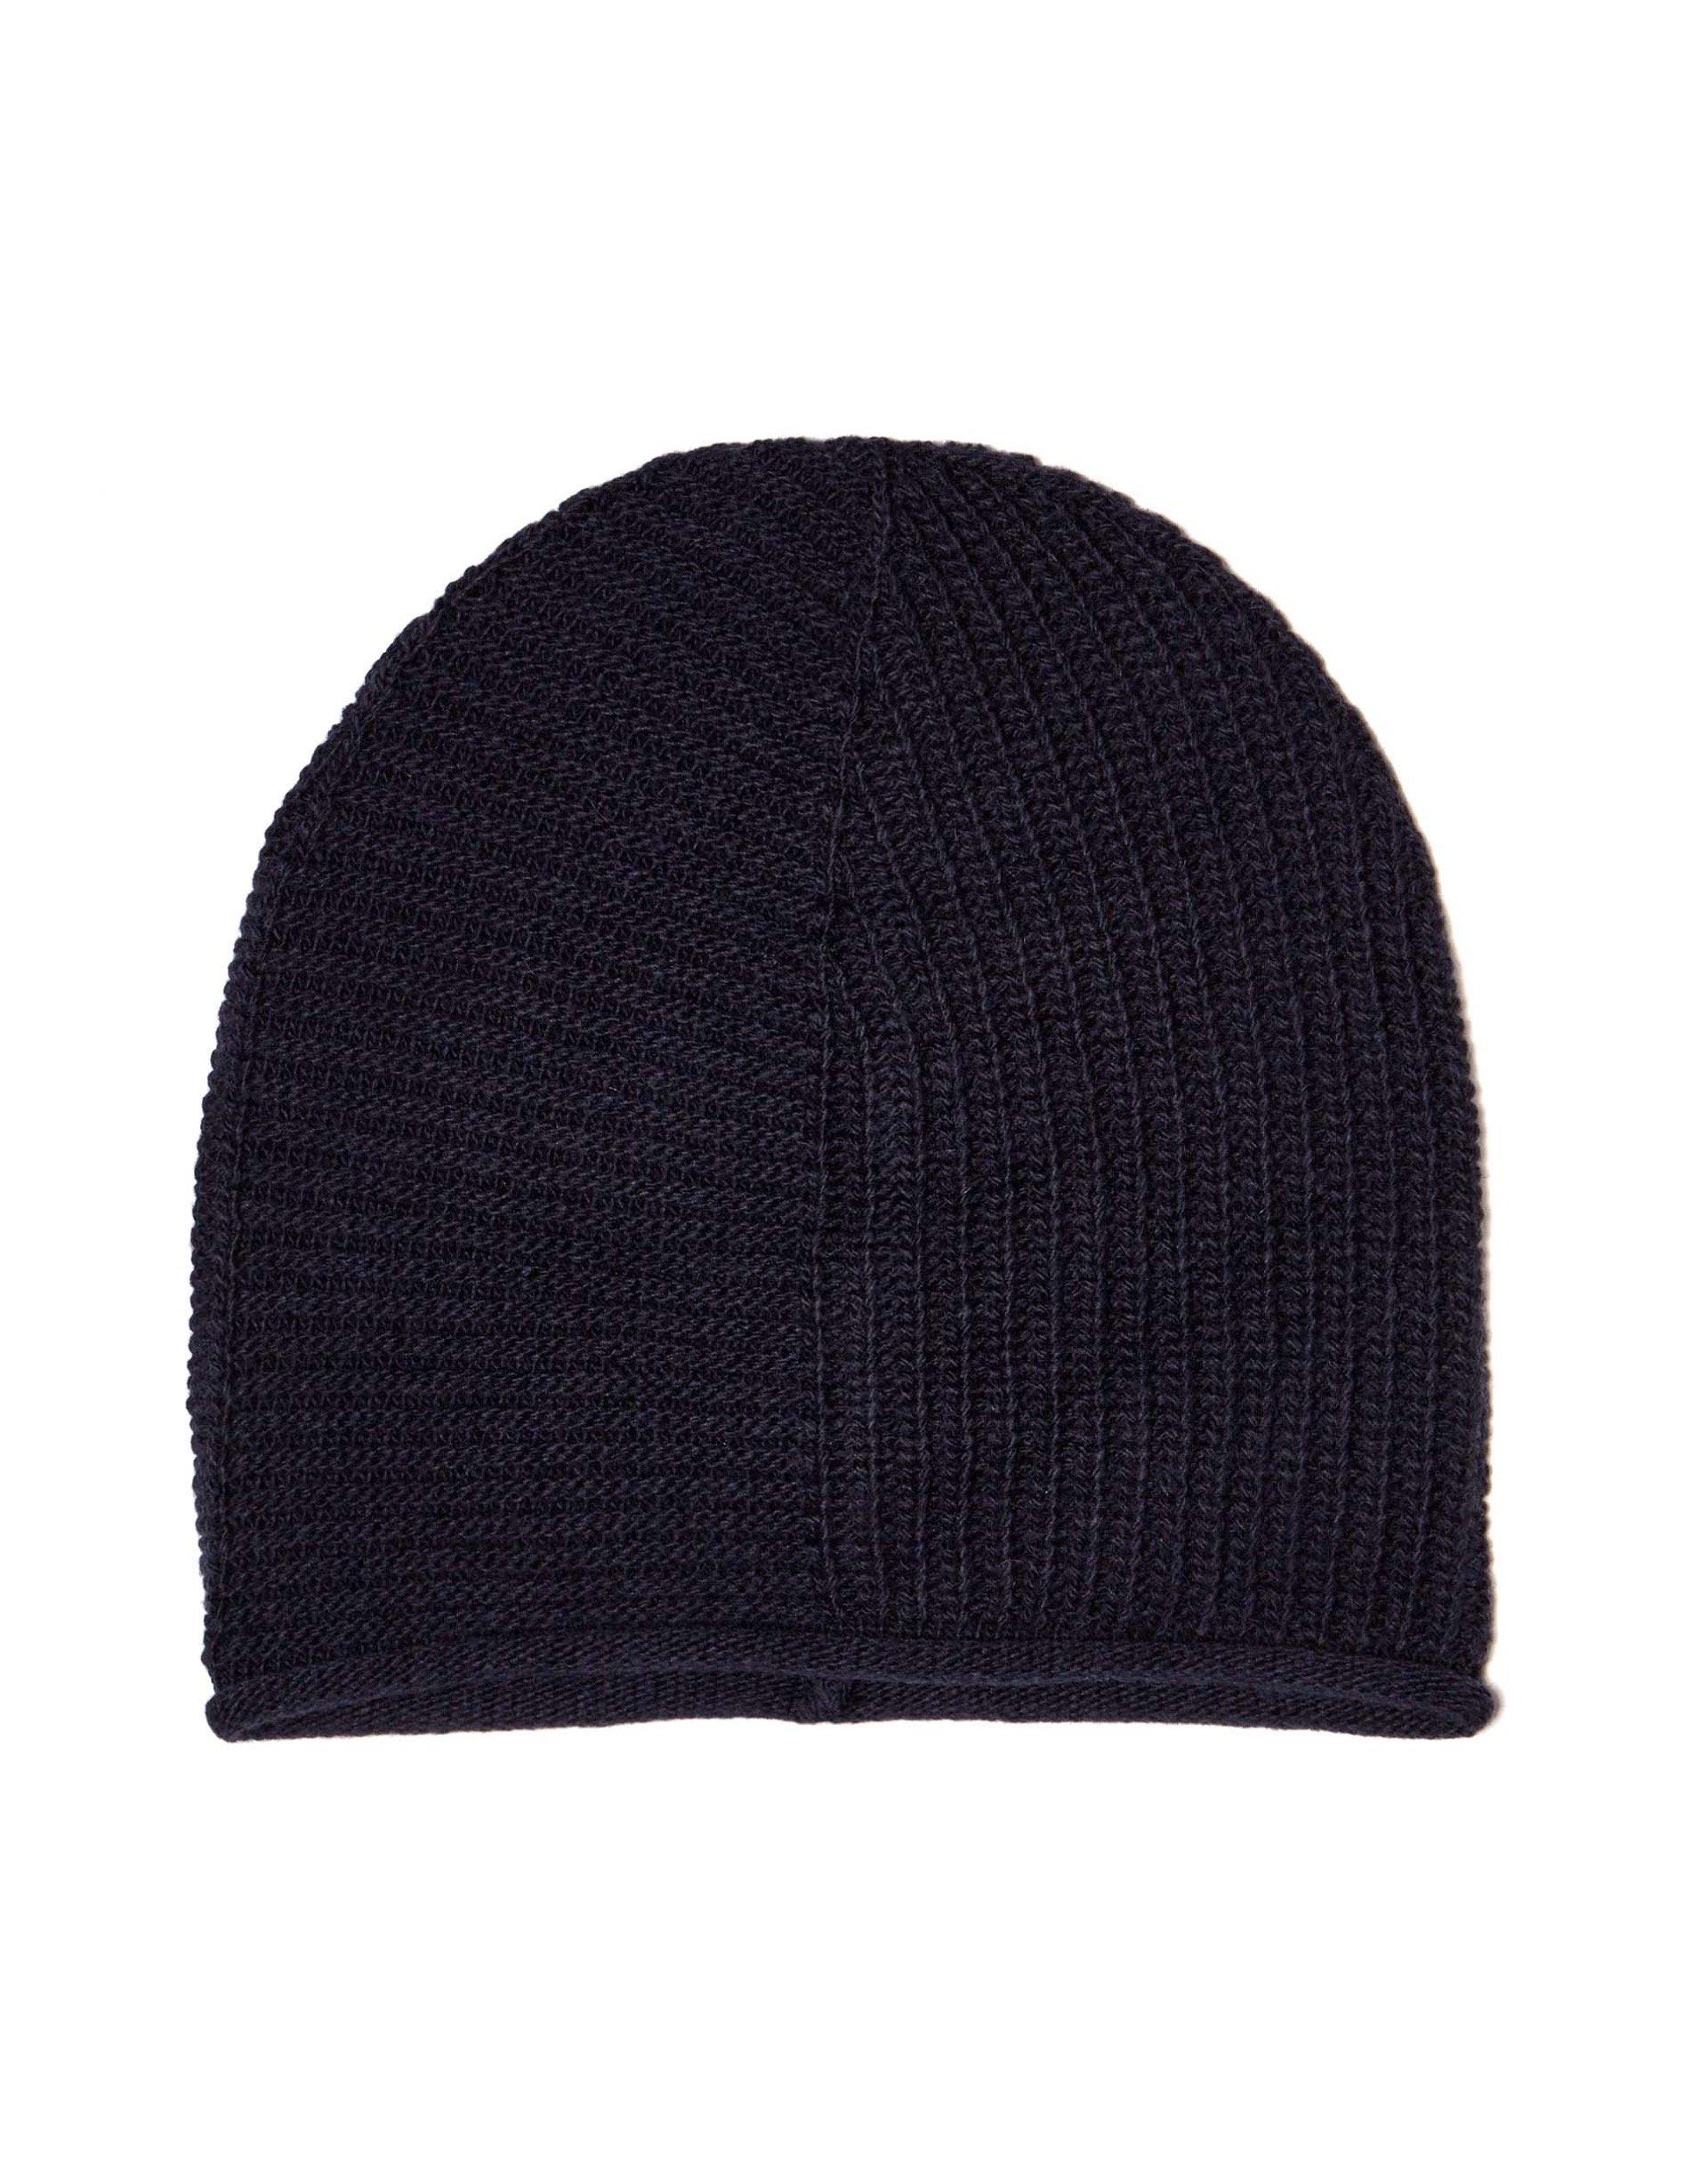 ШапкаГоловные уборы<br>Универсальная шапка бини выполнена из мягкой пряжи с шерстью.<br>Цвет: Синий; Размер: OS;